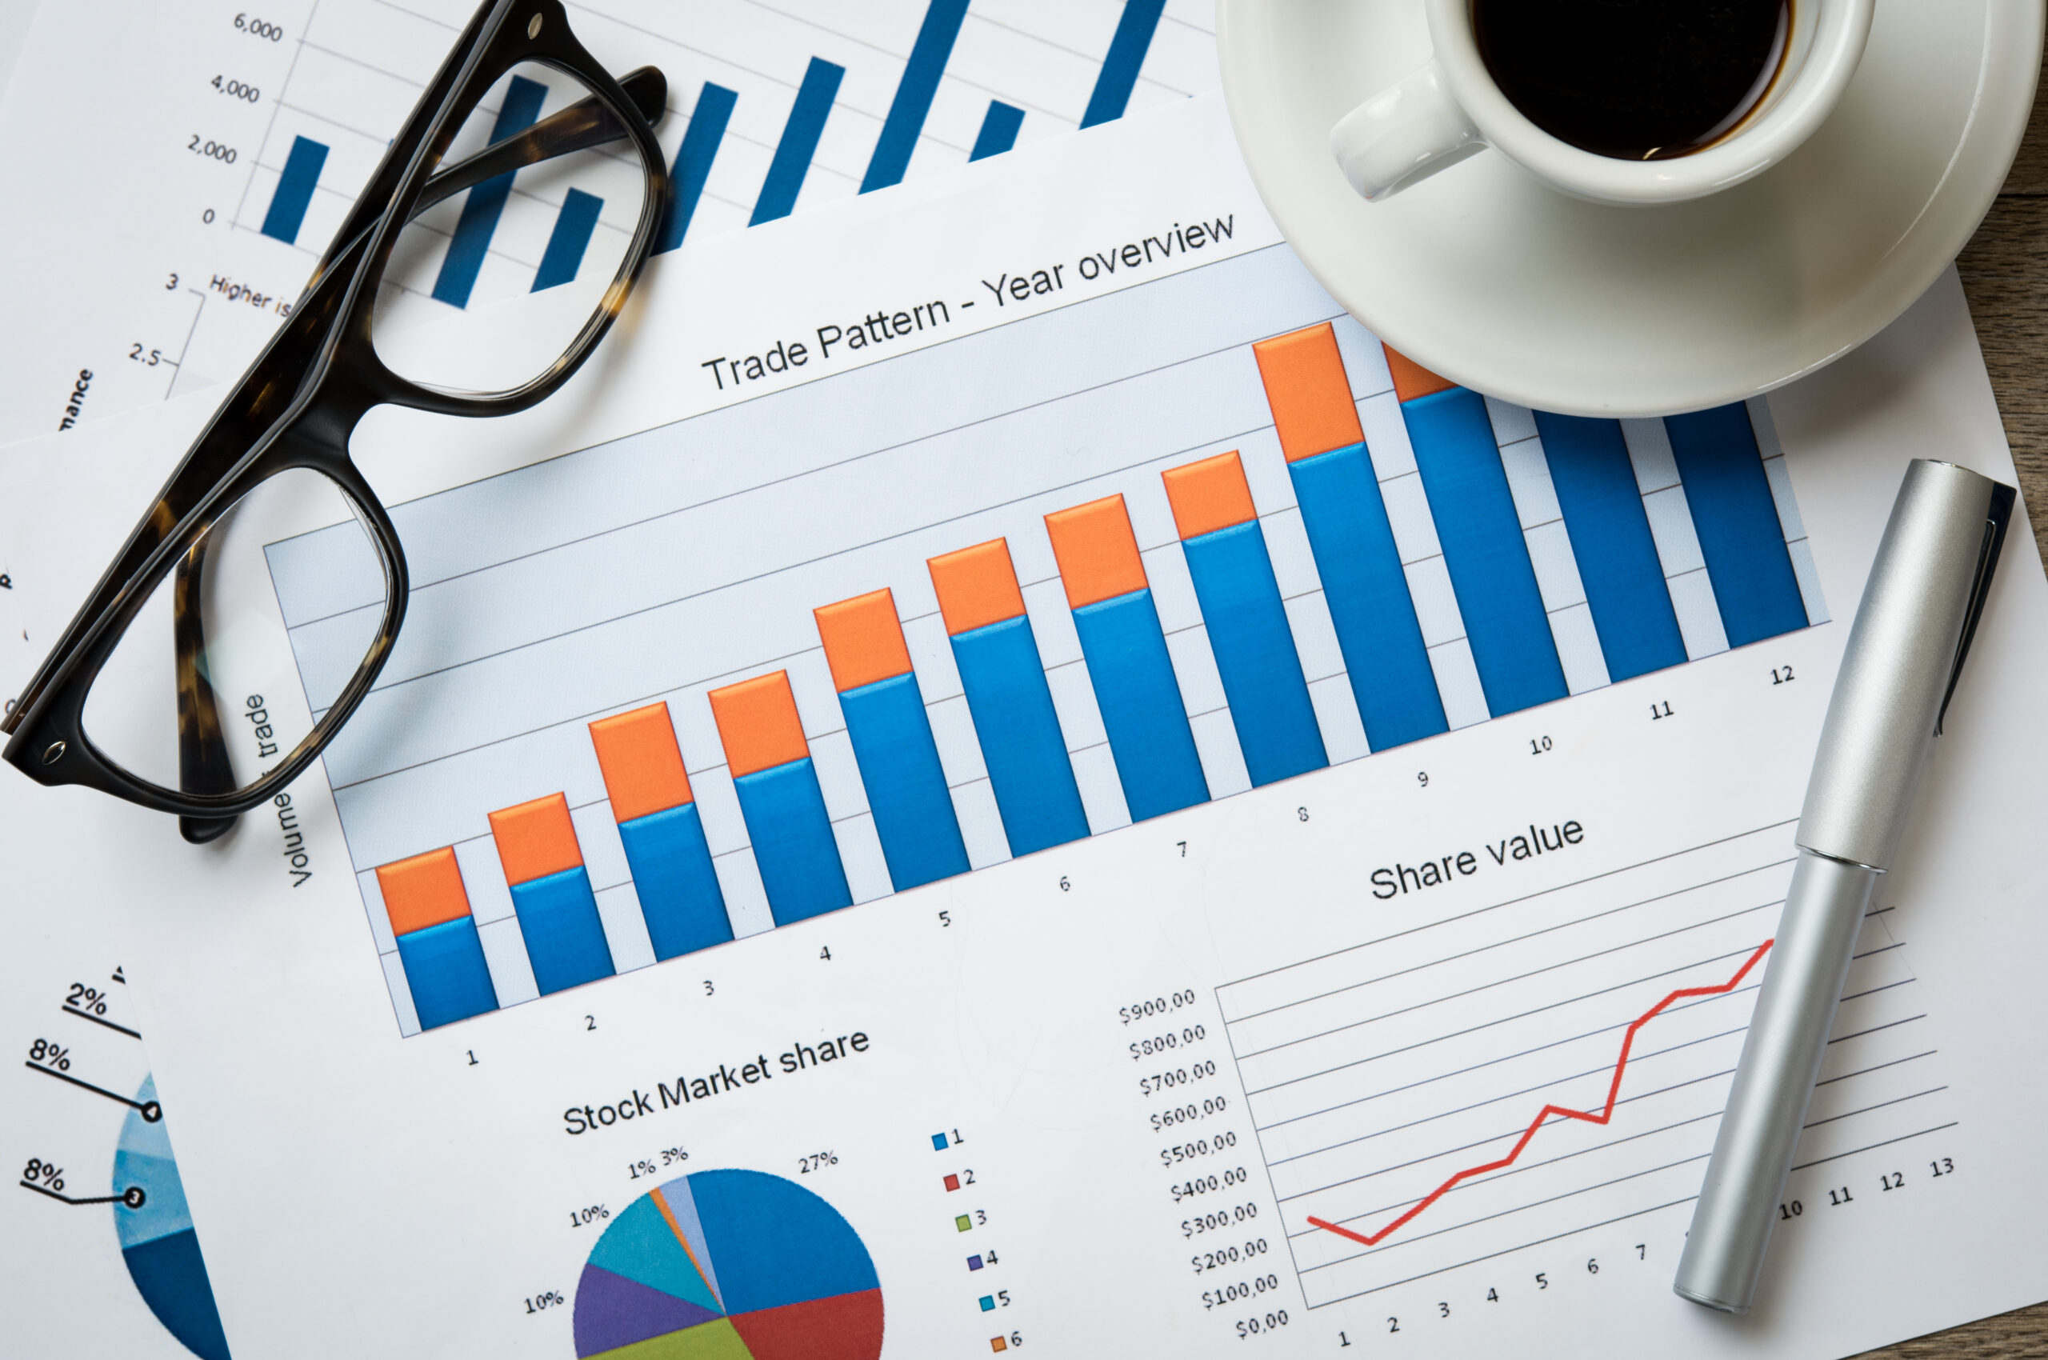 ondergewaardeerde aandelen data